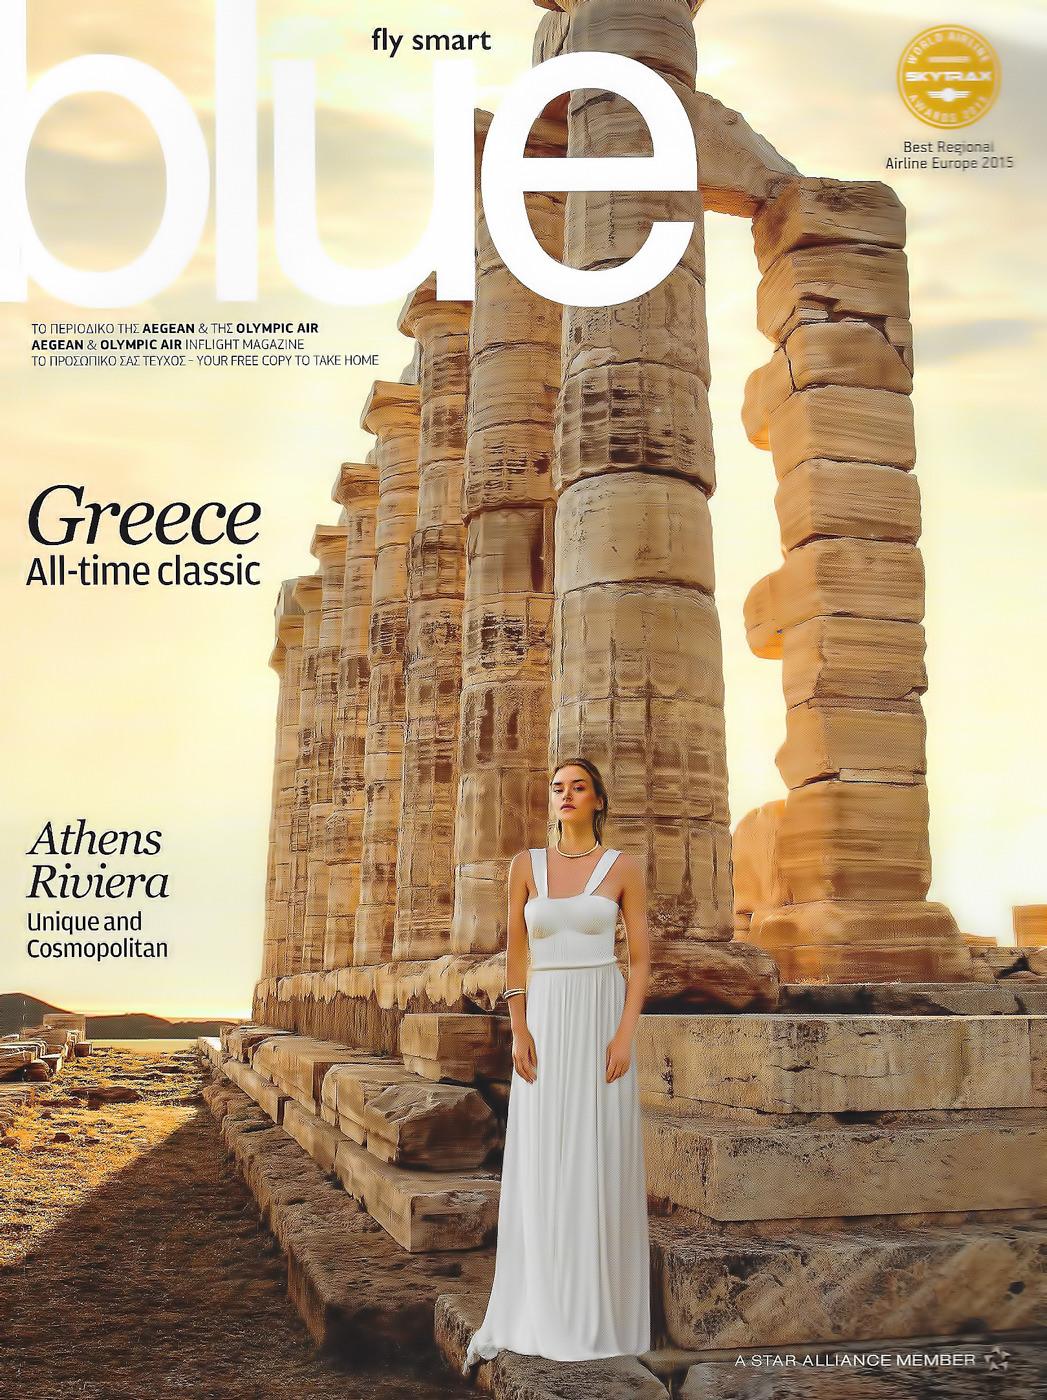 Blue Magazine Aegean , Γιώργος Φάκαρος - Αρχιτεκτονική Φωτογραφία | Εσωτερικοί Χώροι | Φωτογραφία Ξενοδοχειών - Photography / Φωτογραφία